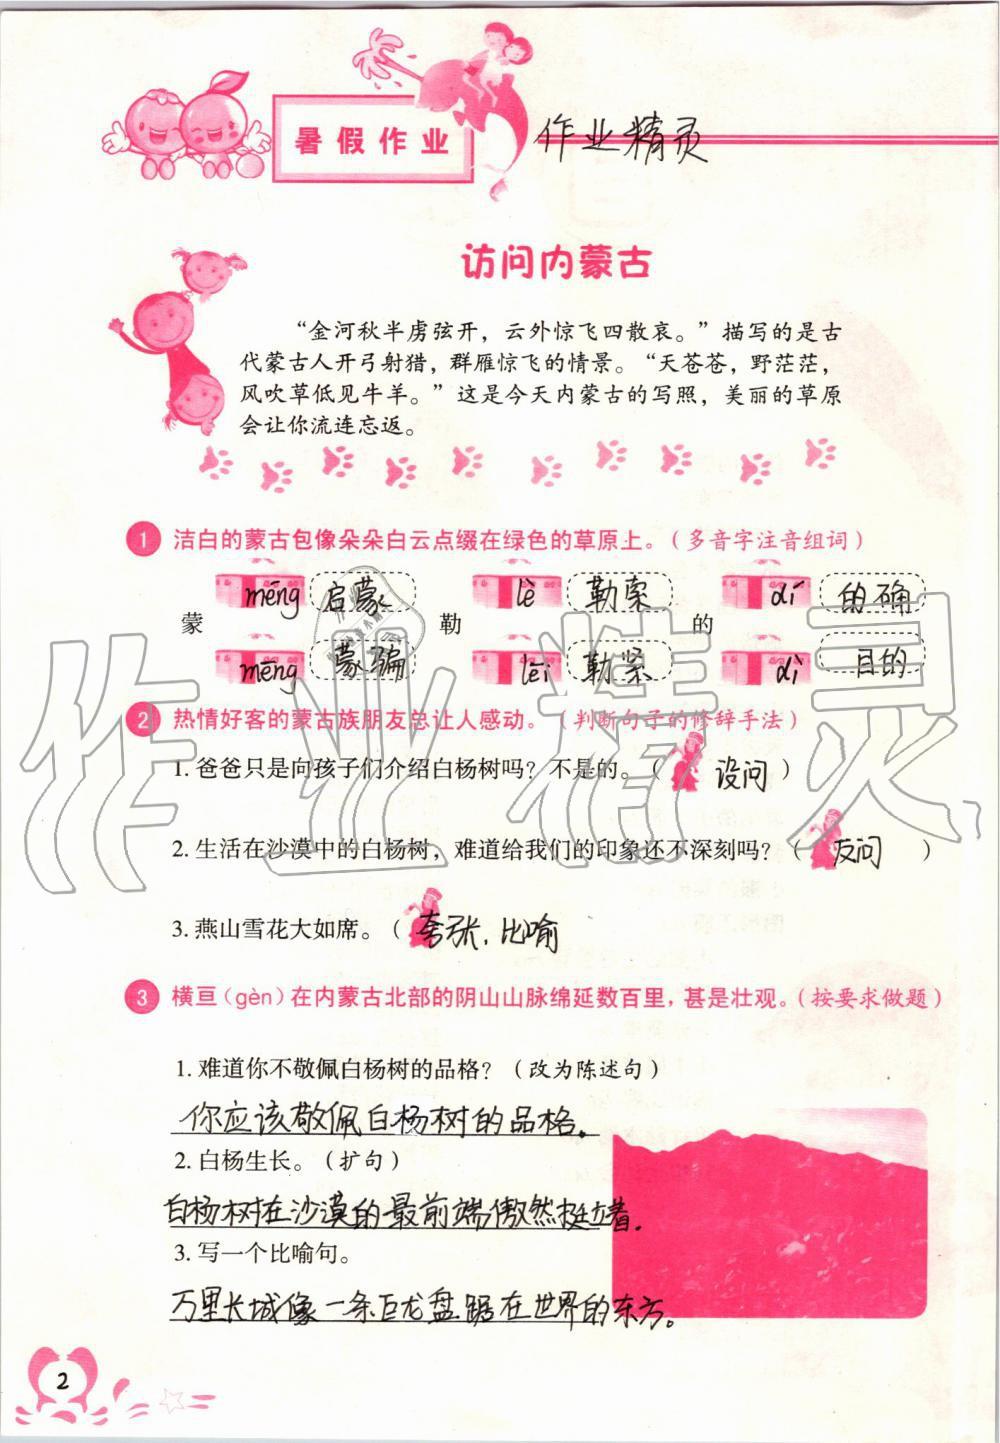 2019年暑假作业五年级中国地图出版社第1页